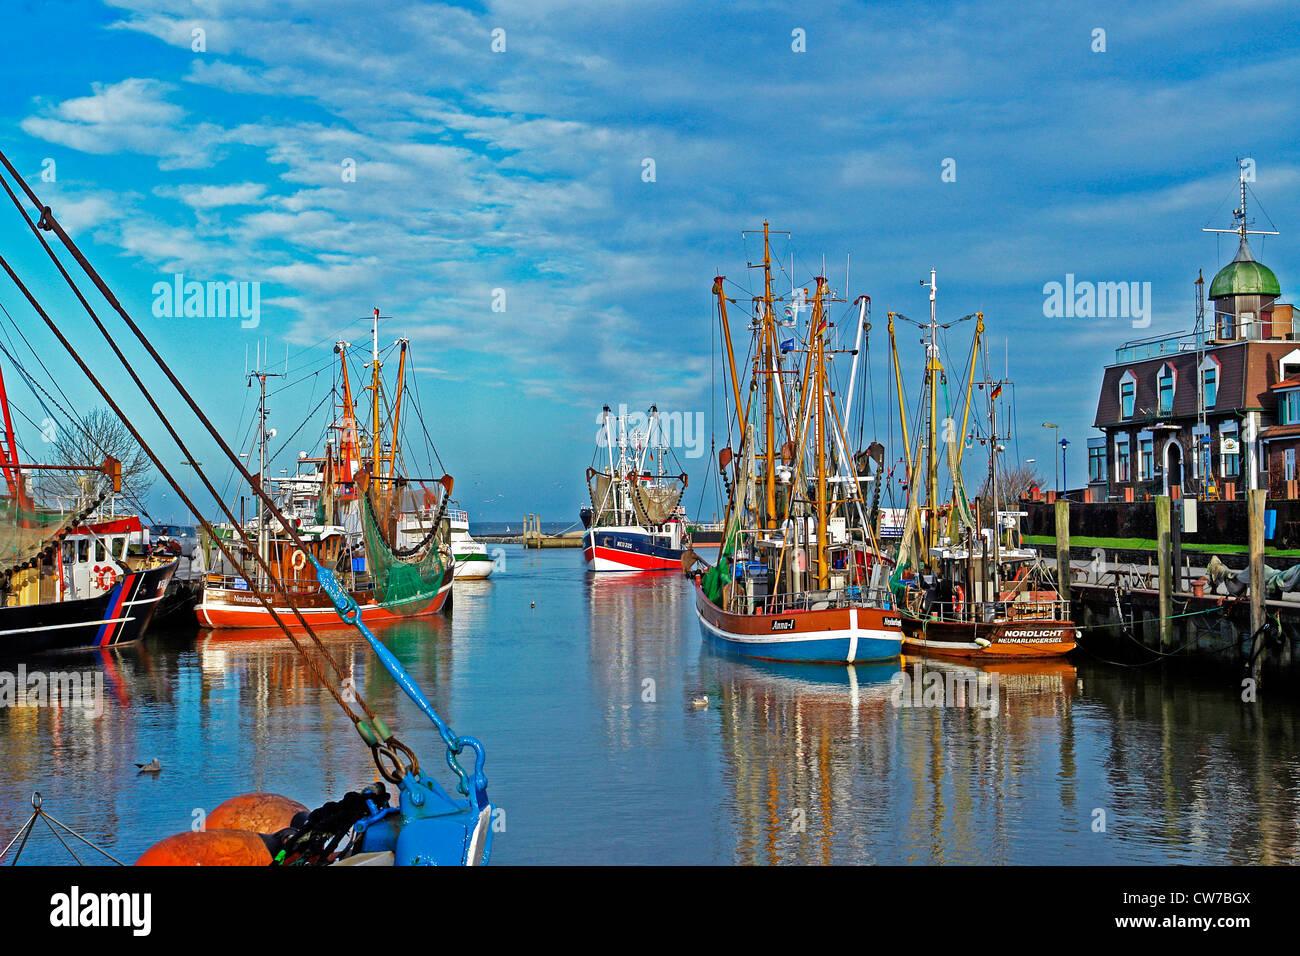 Neuharlingersiel Harbour - Stock Image